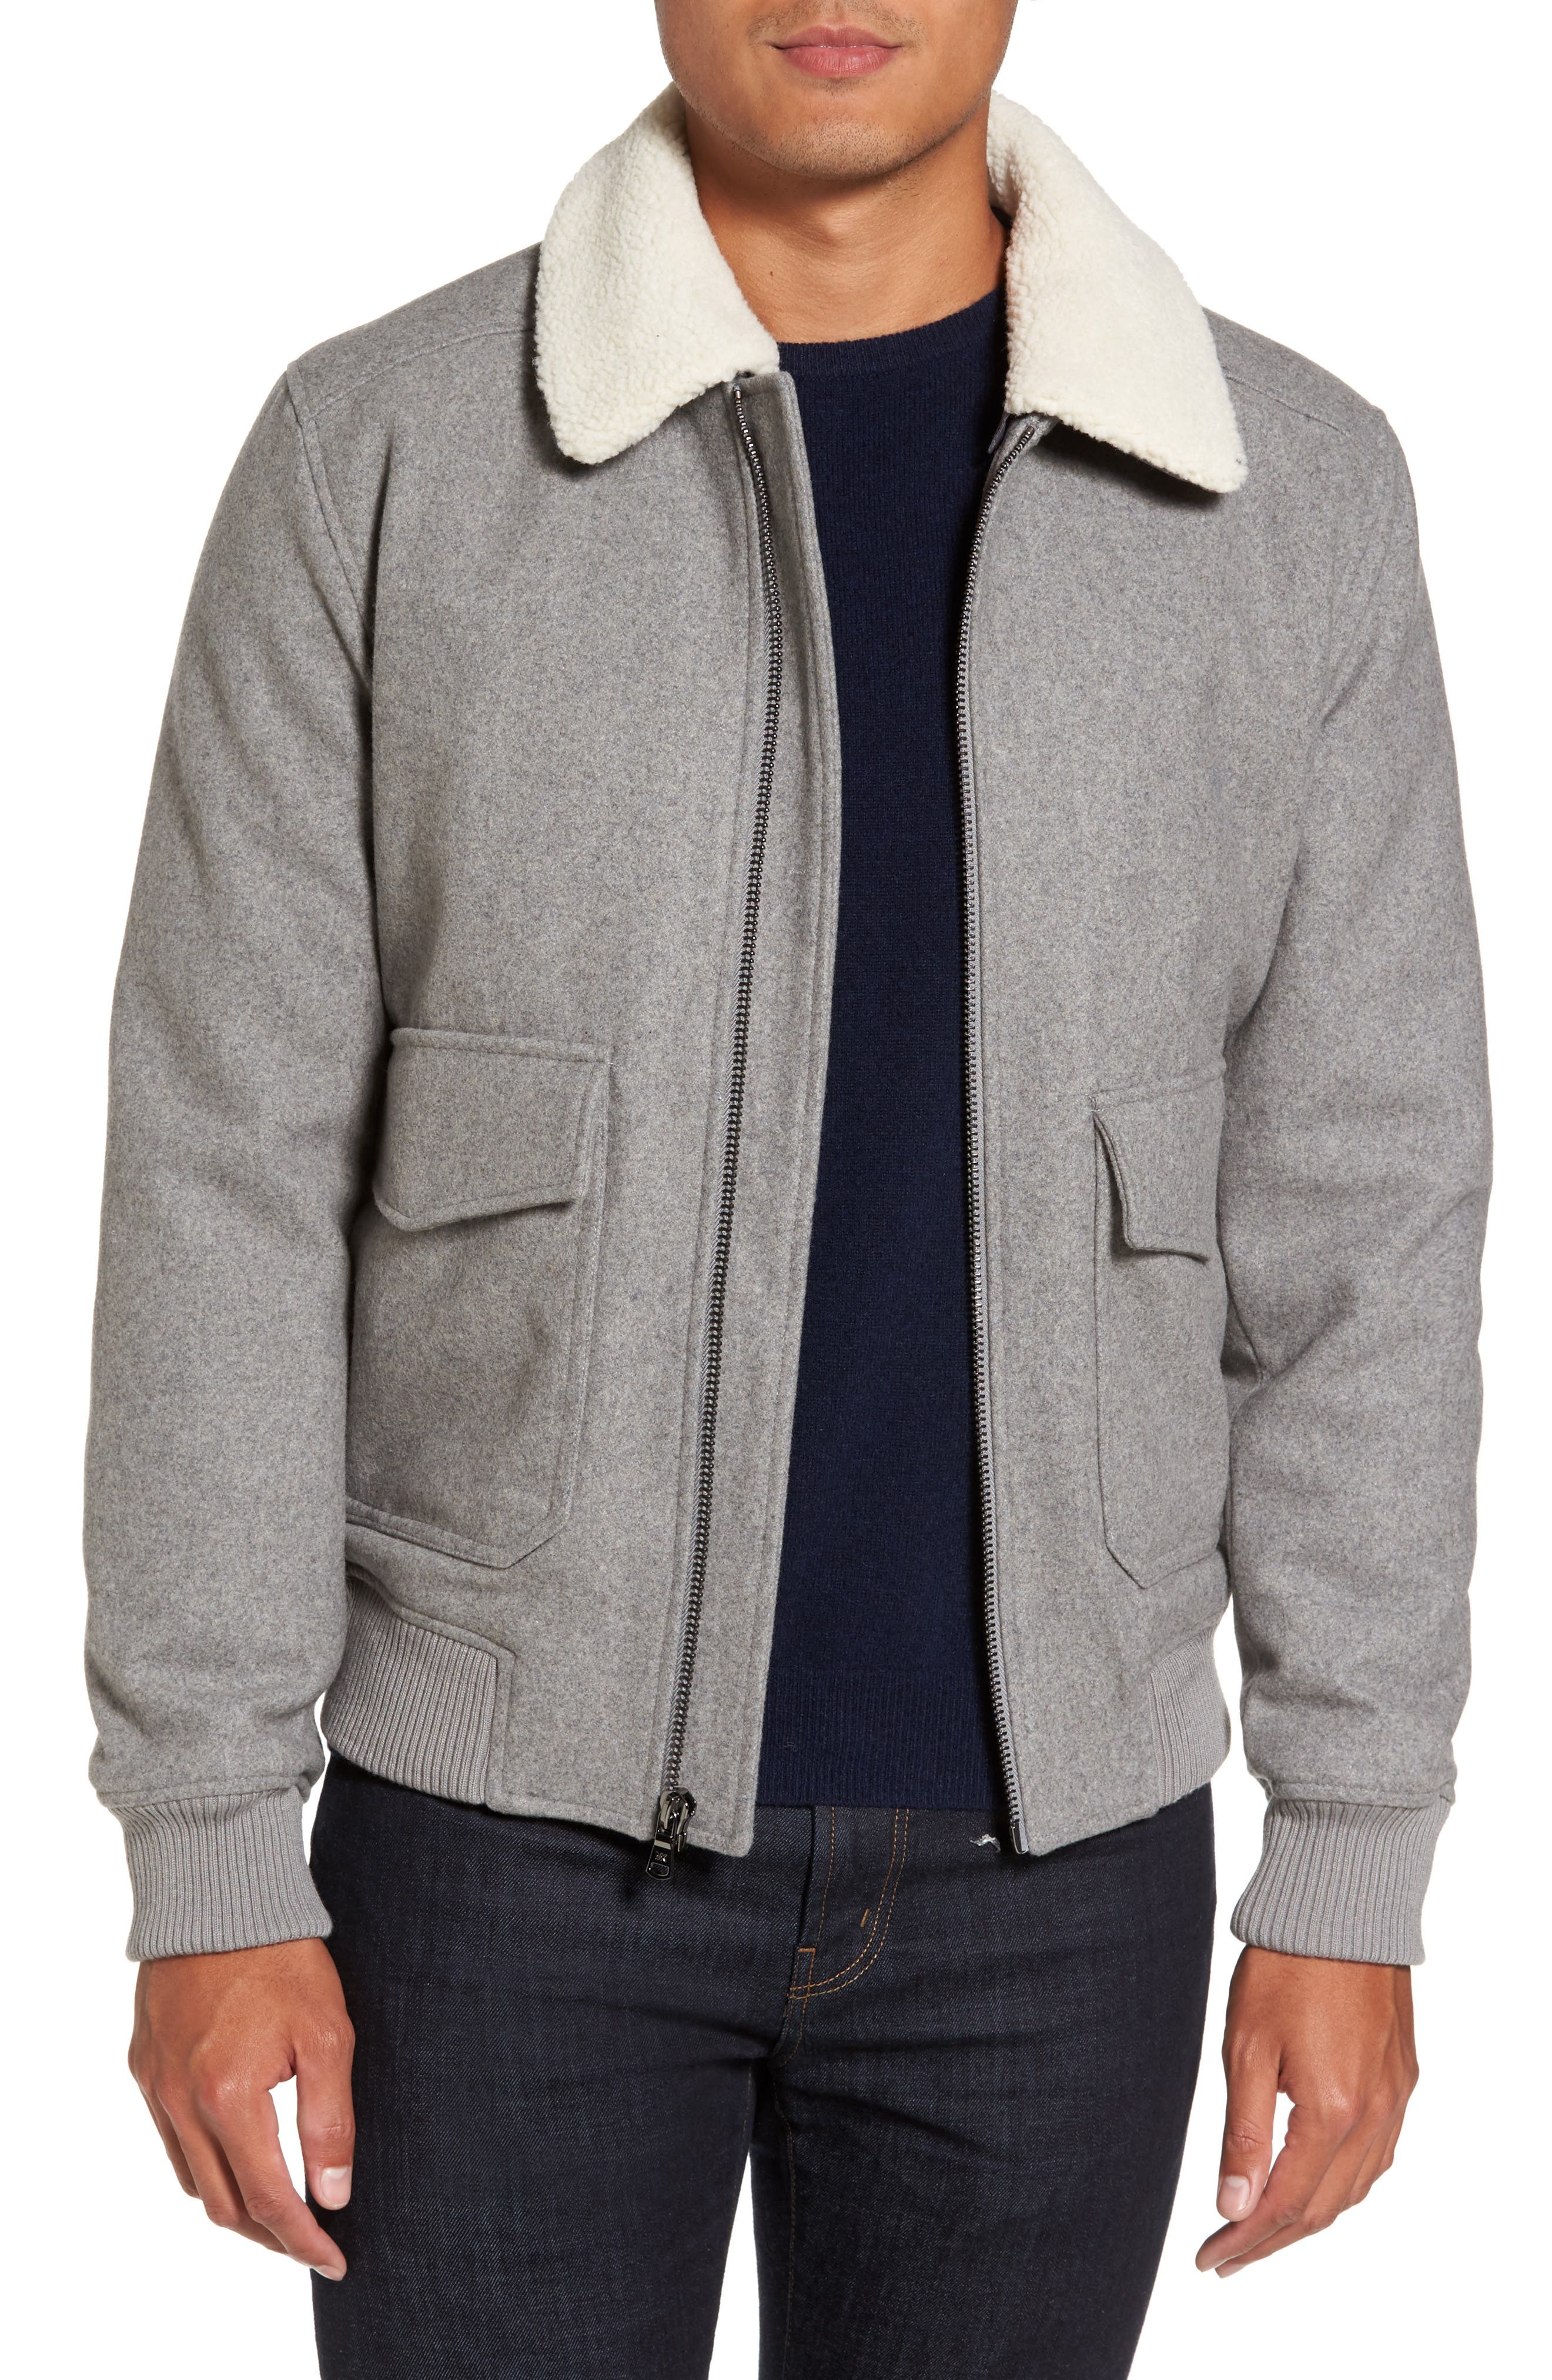 Michael Kors Fleece Collar Wool Blend A-2 Jacket